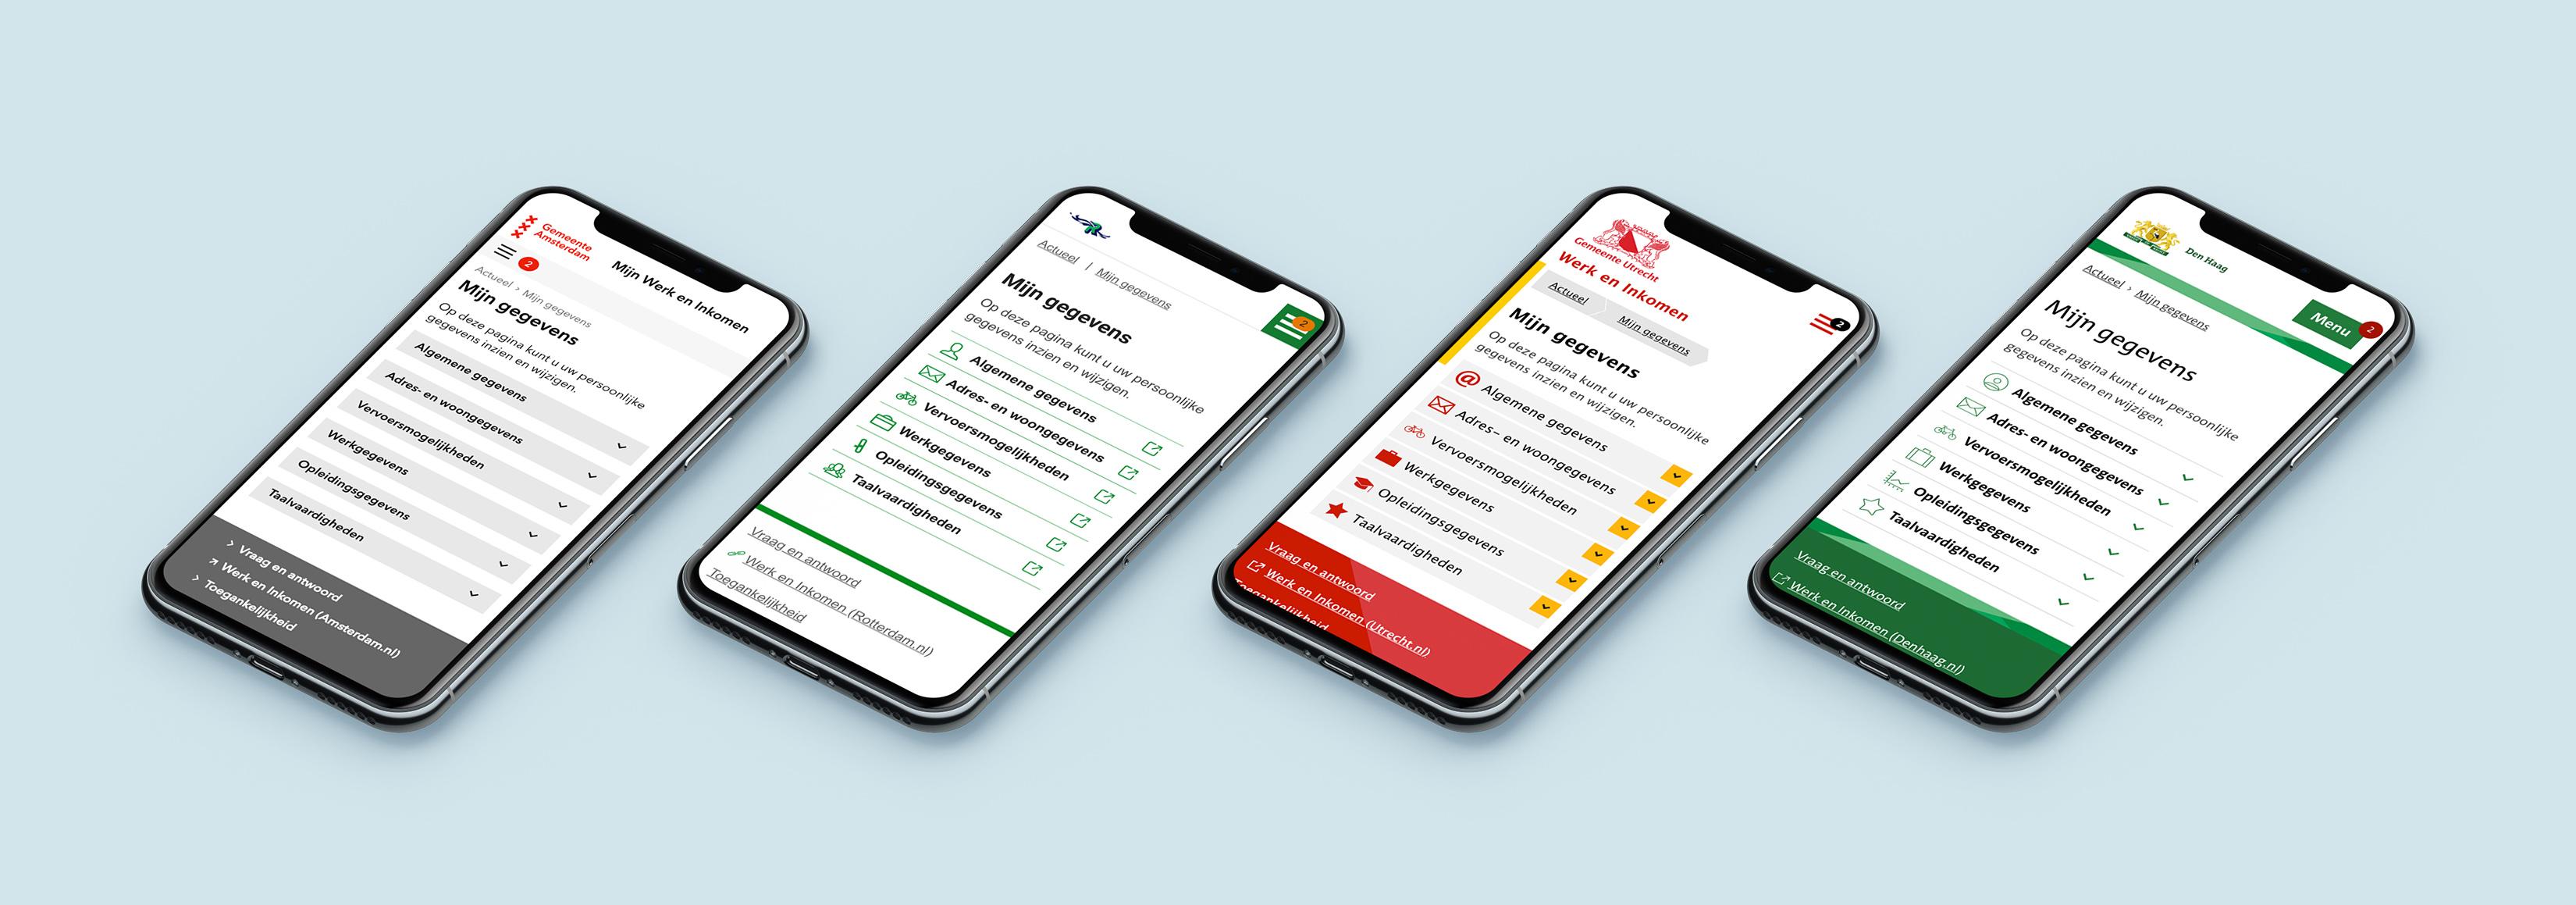 Smartphones met een website in de look & feel van de 4 grote gemeenten